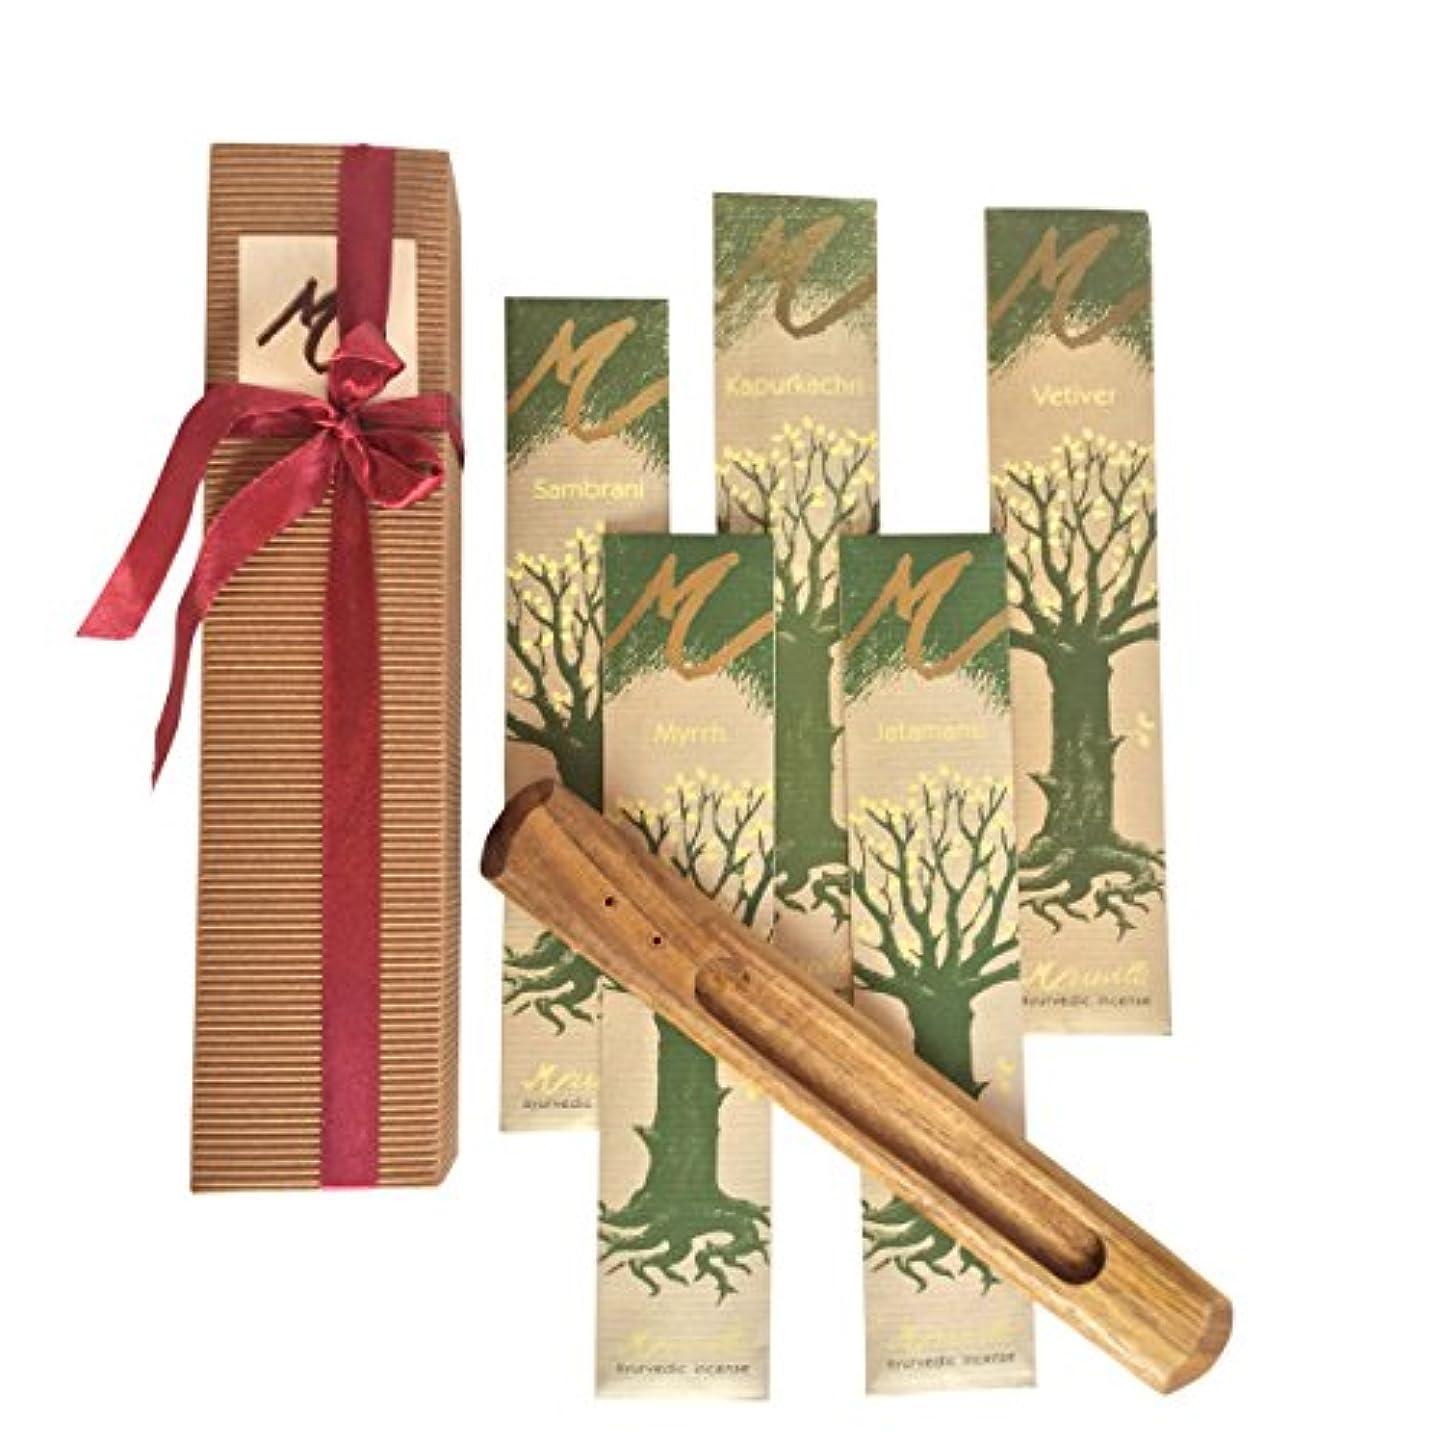 クラシカル群れ明確なプレミアムIncense Sticks , Ayurvedic Aromaticお香ギフトセットボックスには5種類のお香( Jatamansi、kapurkachuri、Myrrh、ベチバー、Sambrani )と木製スティックホルダー。GREAT GIFT IDEA